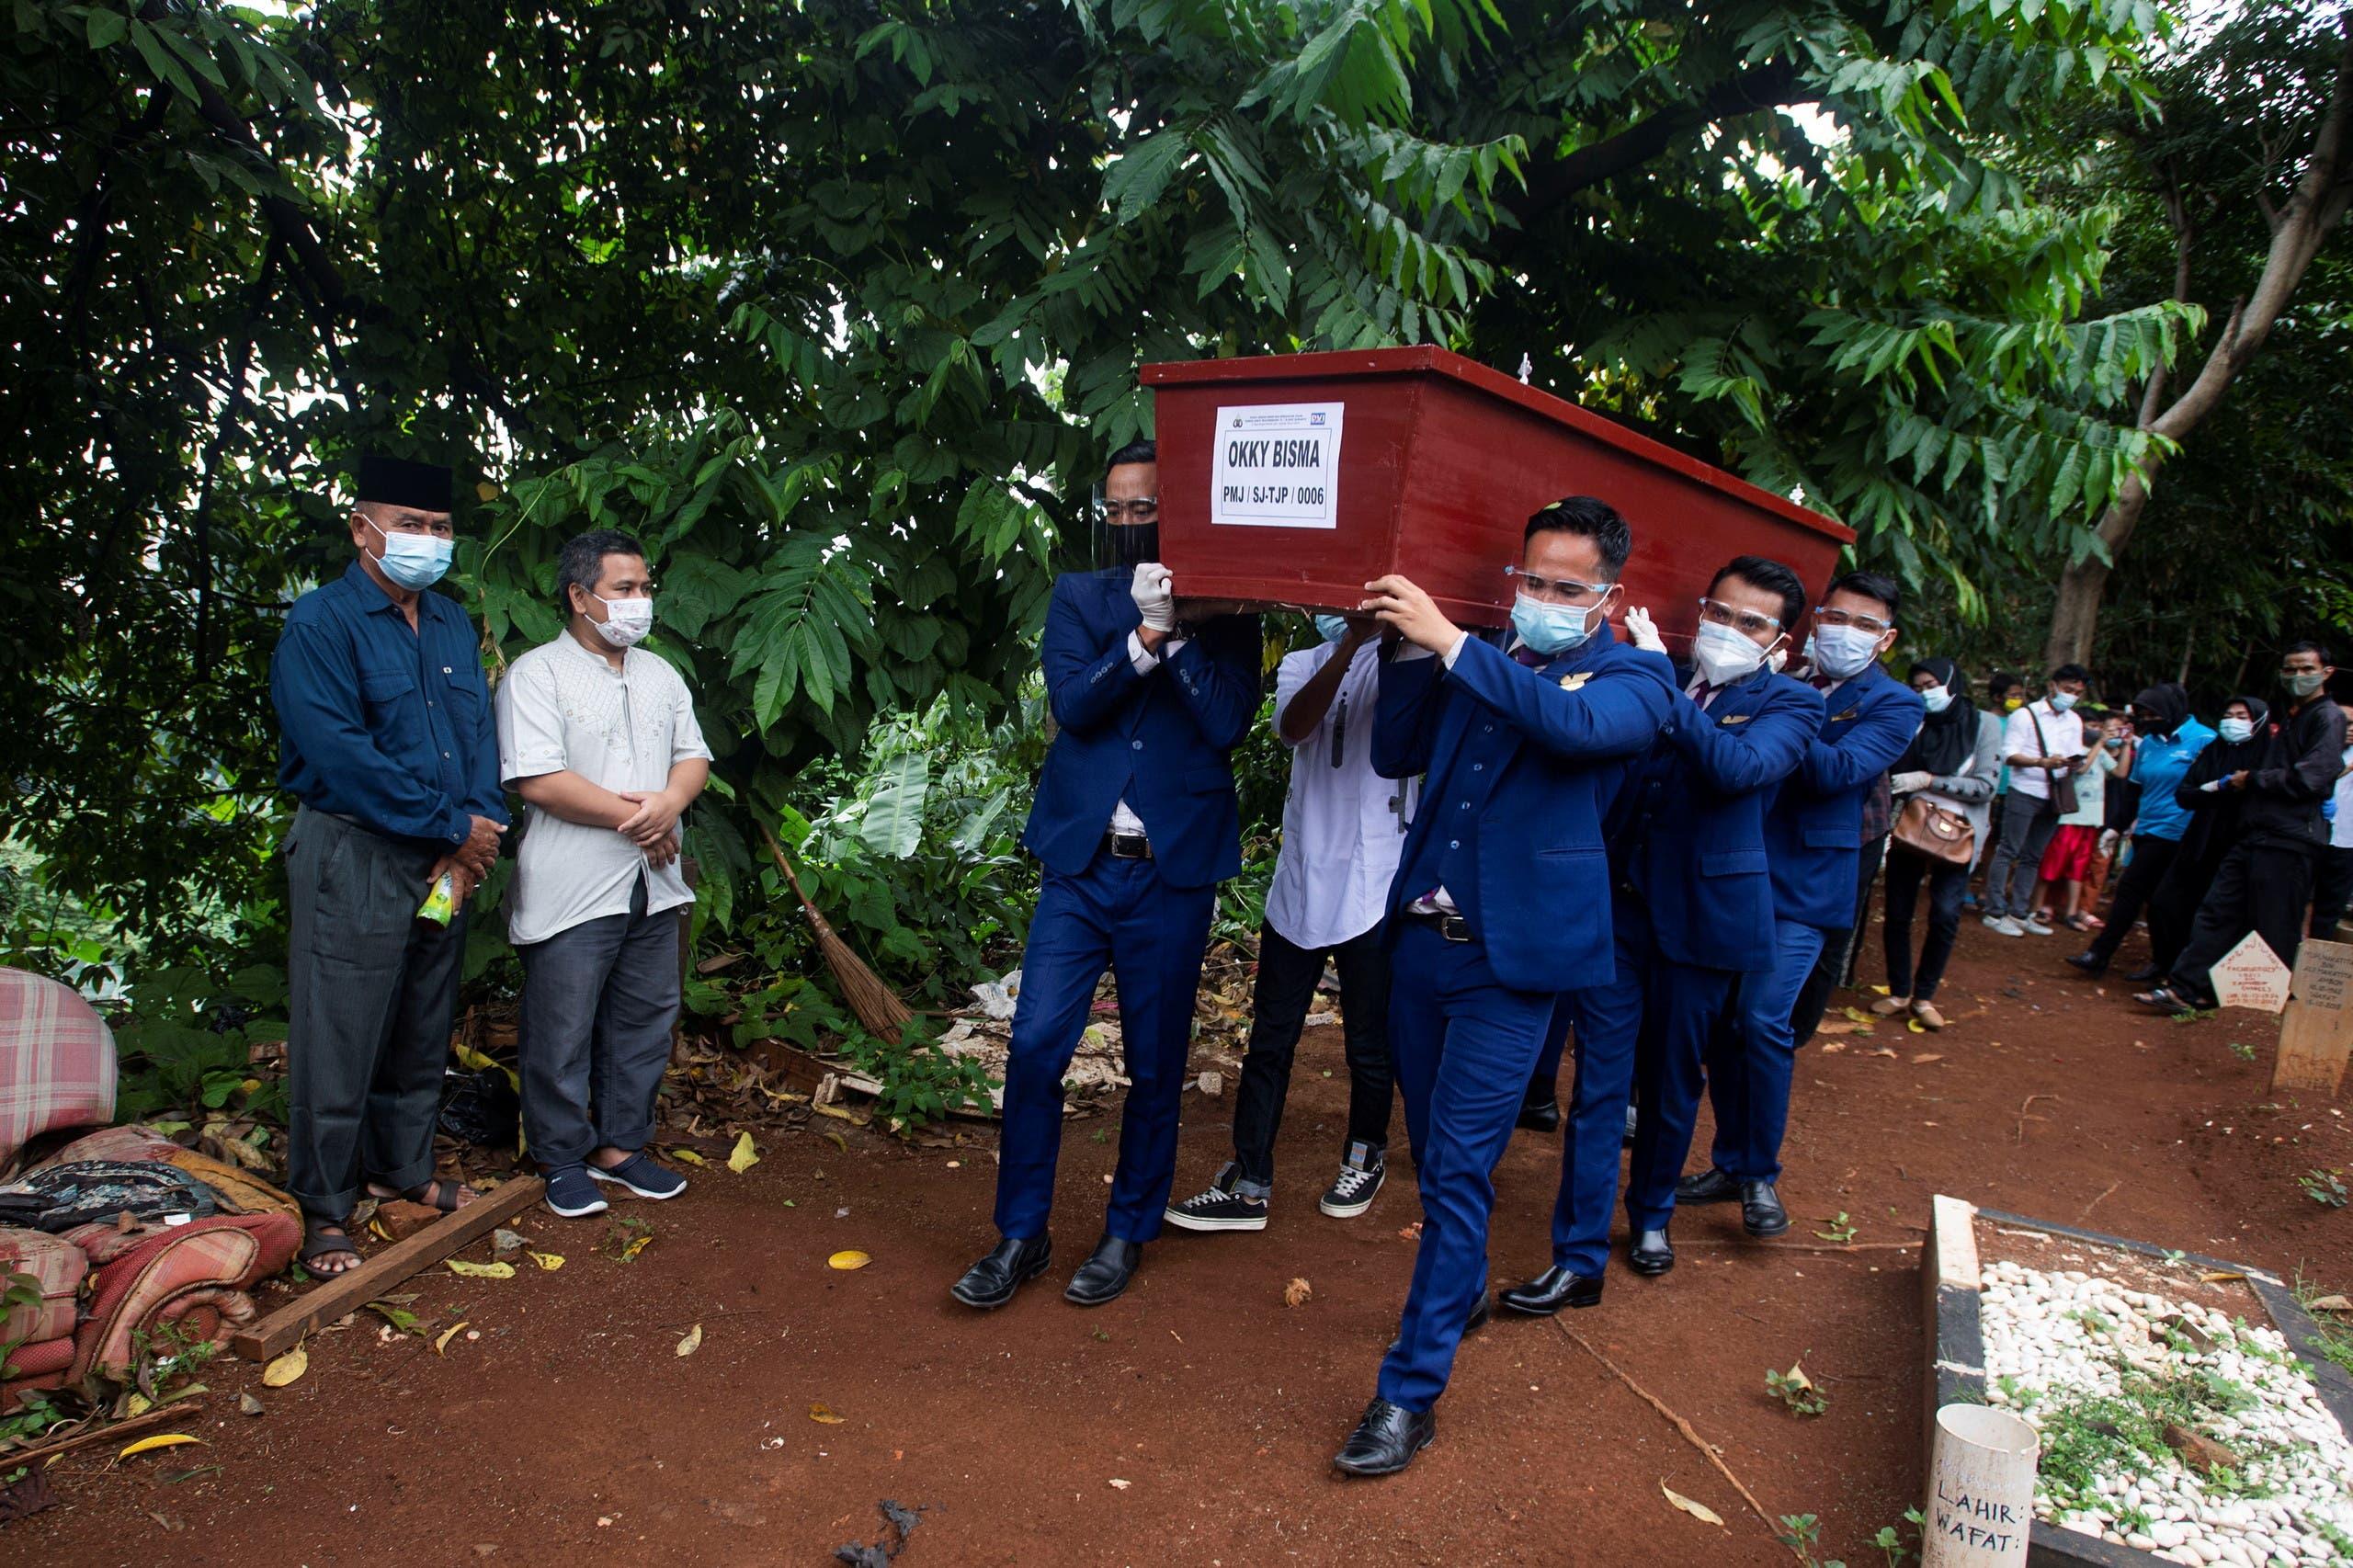 دفن مضيفة طيران تم تحديد هويتها بعد العثور على رفاتها